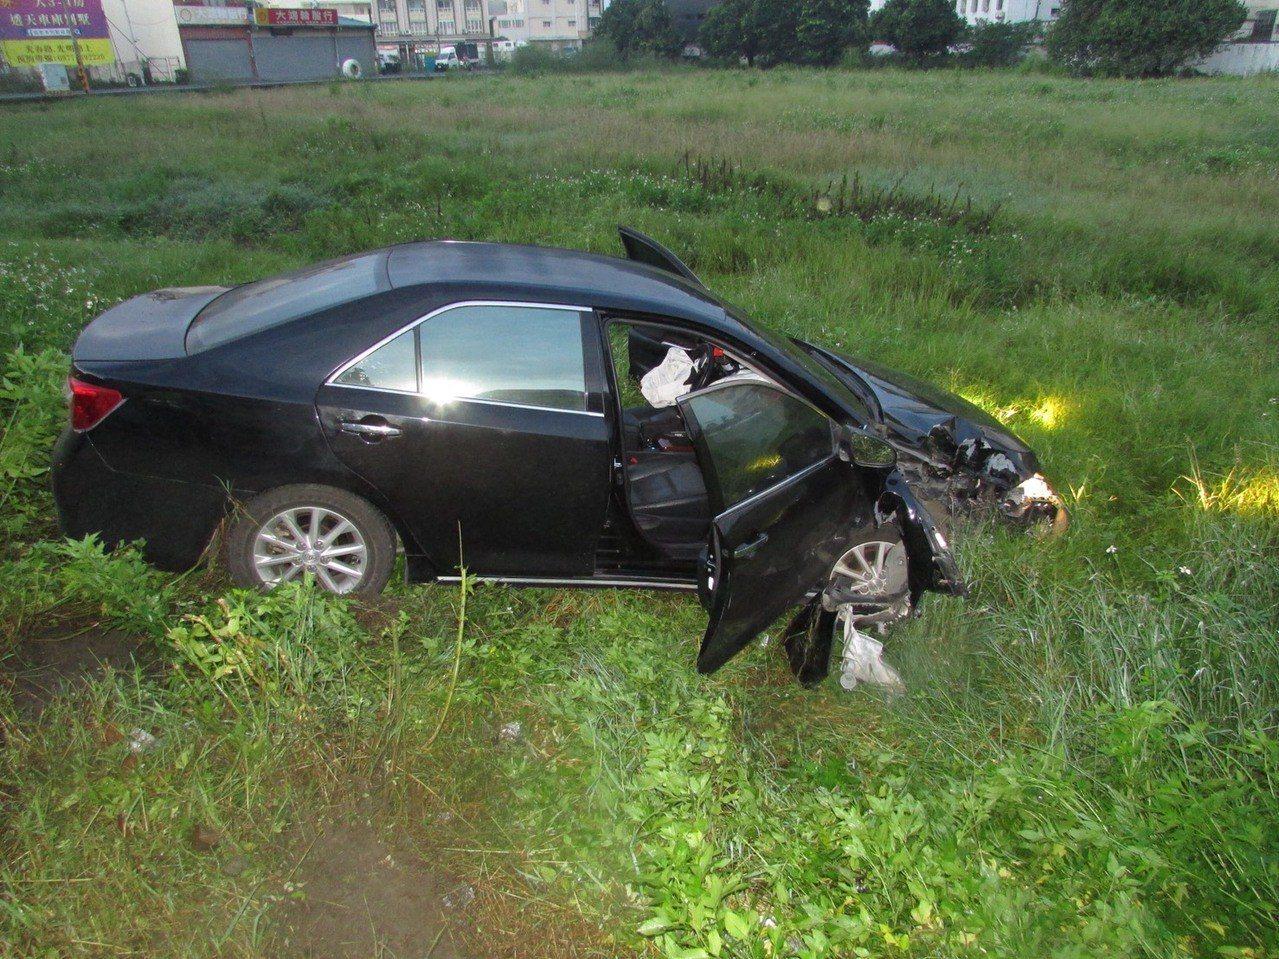 陳姓駕駛開車自撞電桿後,車輛衝進路旁一處空地。記者蔣繼平/翻攝